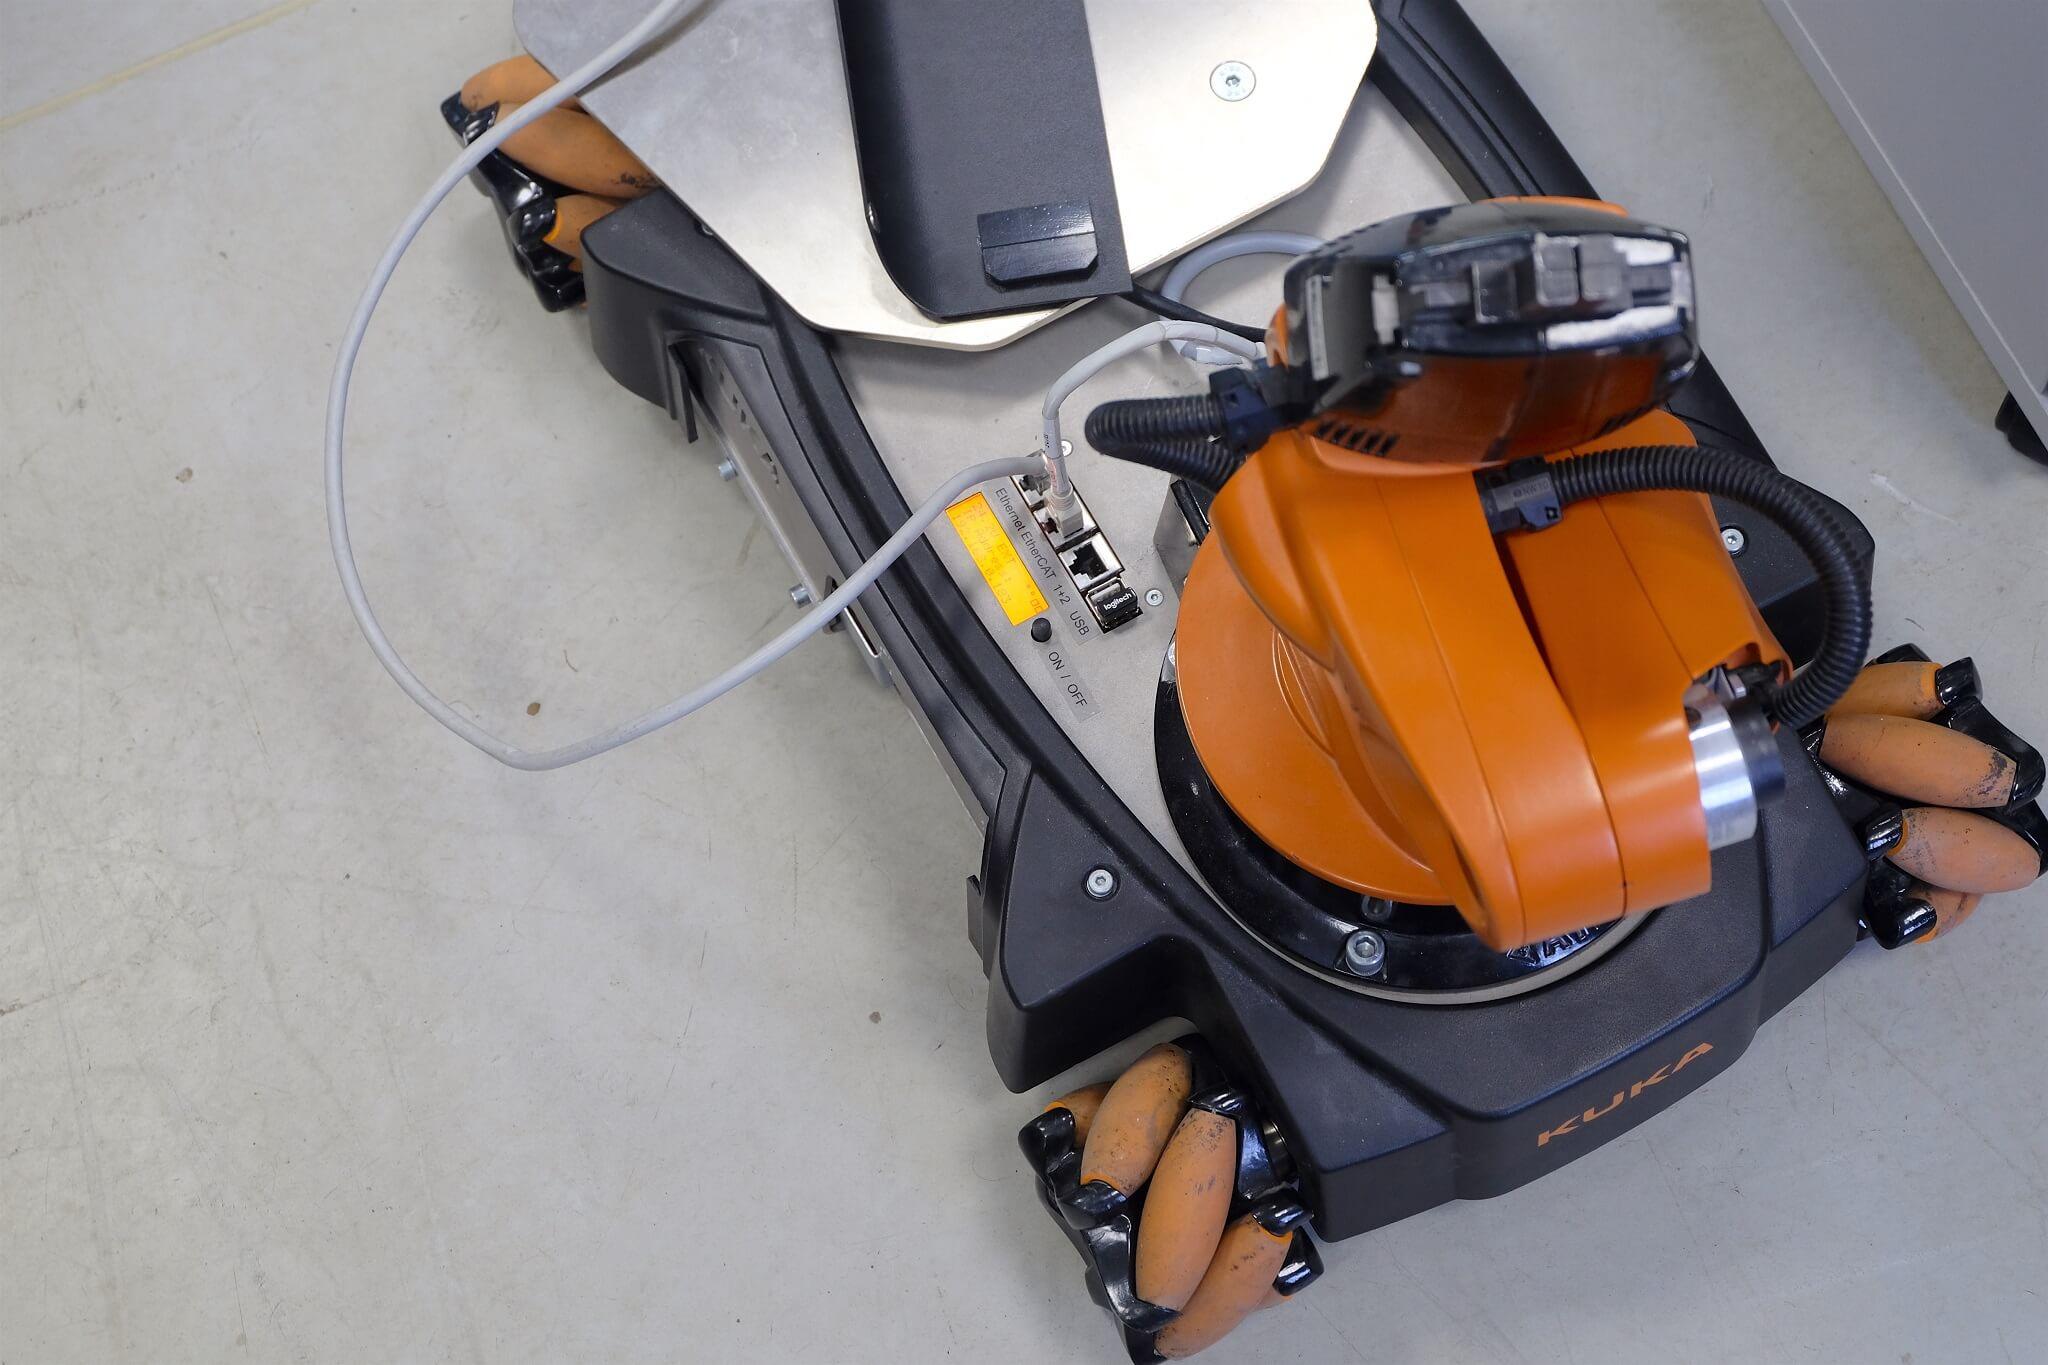 Механизированные руки и манипуляторы — рассказываем, чем занимается лаборатория робототехники Университета ИТМО - 5